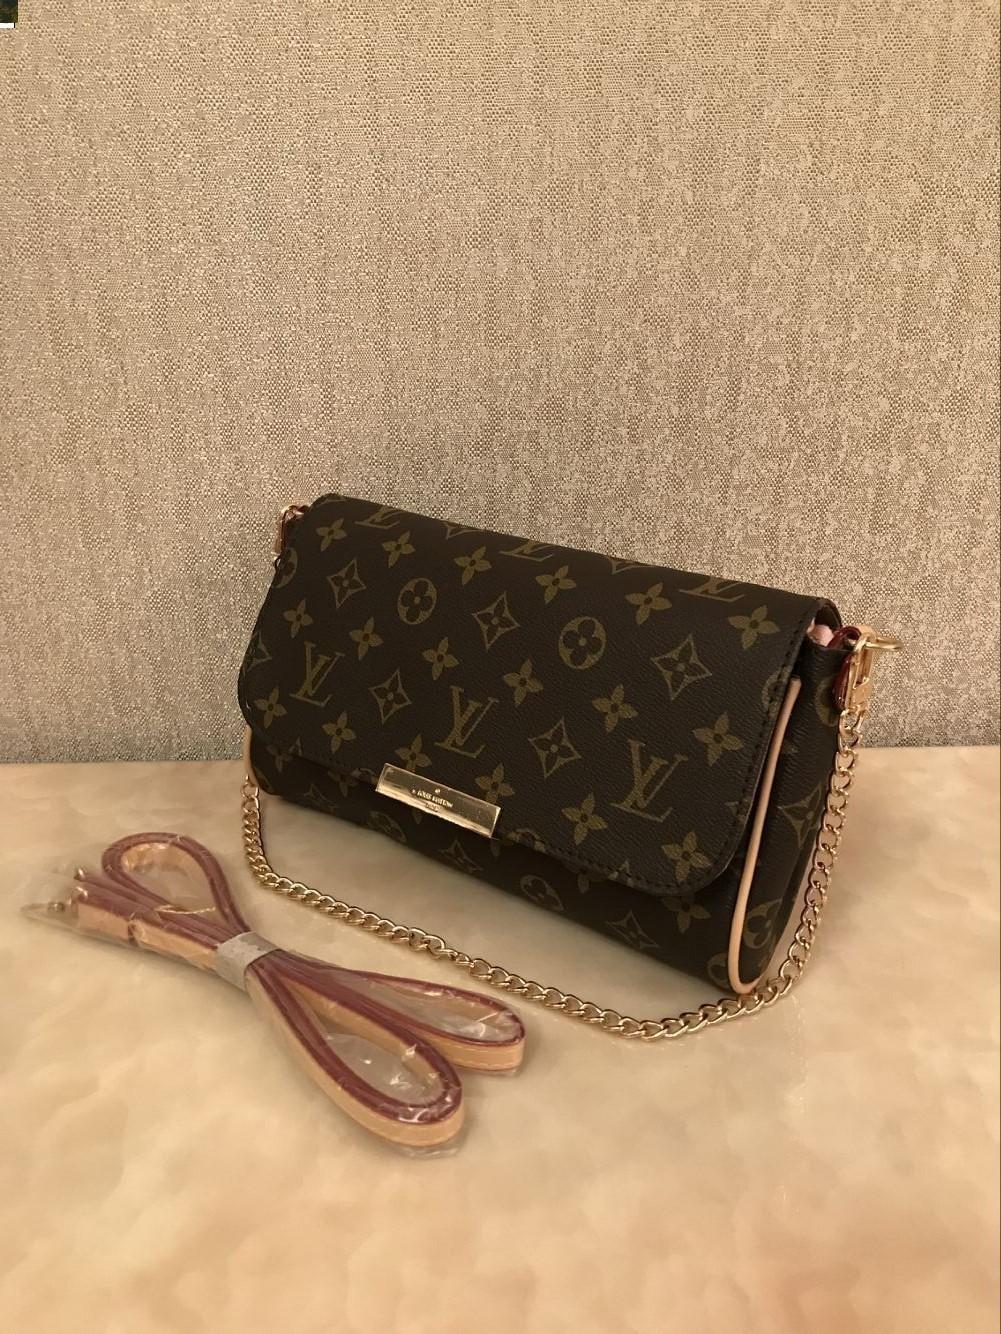 Omuz Çantaları deri çanta erkekler kadınlar çanta designerd Totes messenger çanta Çapraz vücut için yüksek kaliteli cüzdanlar 214 WDG0 SZYA KX5M SQ6S XBQ1